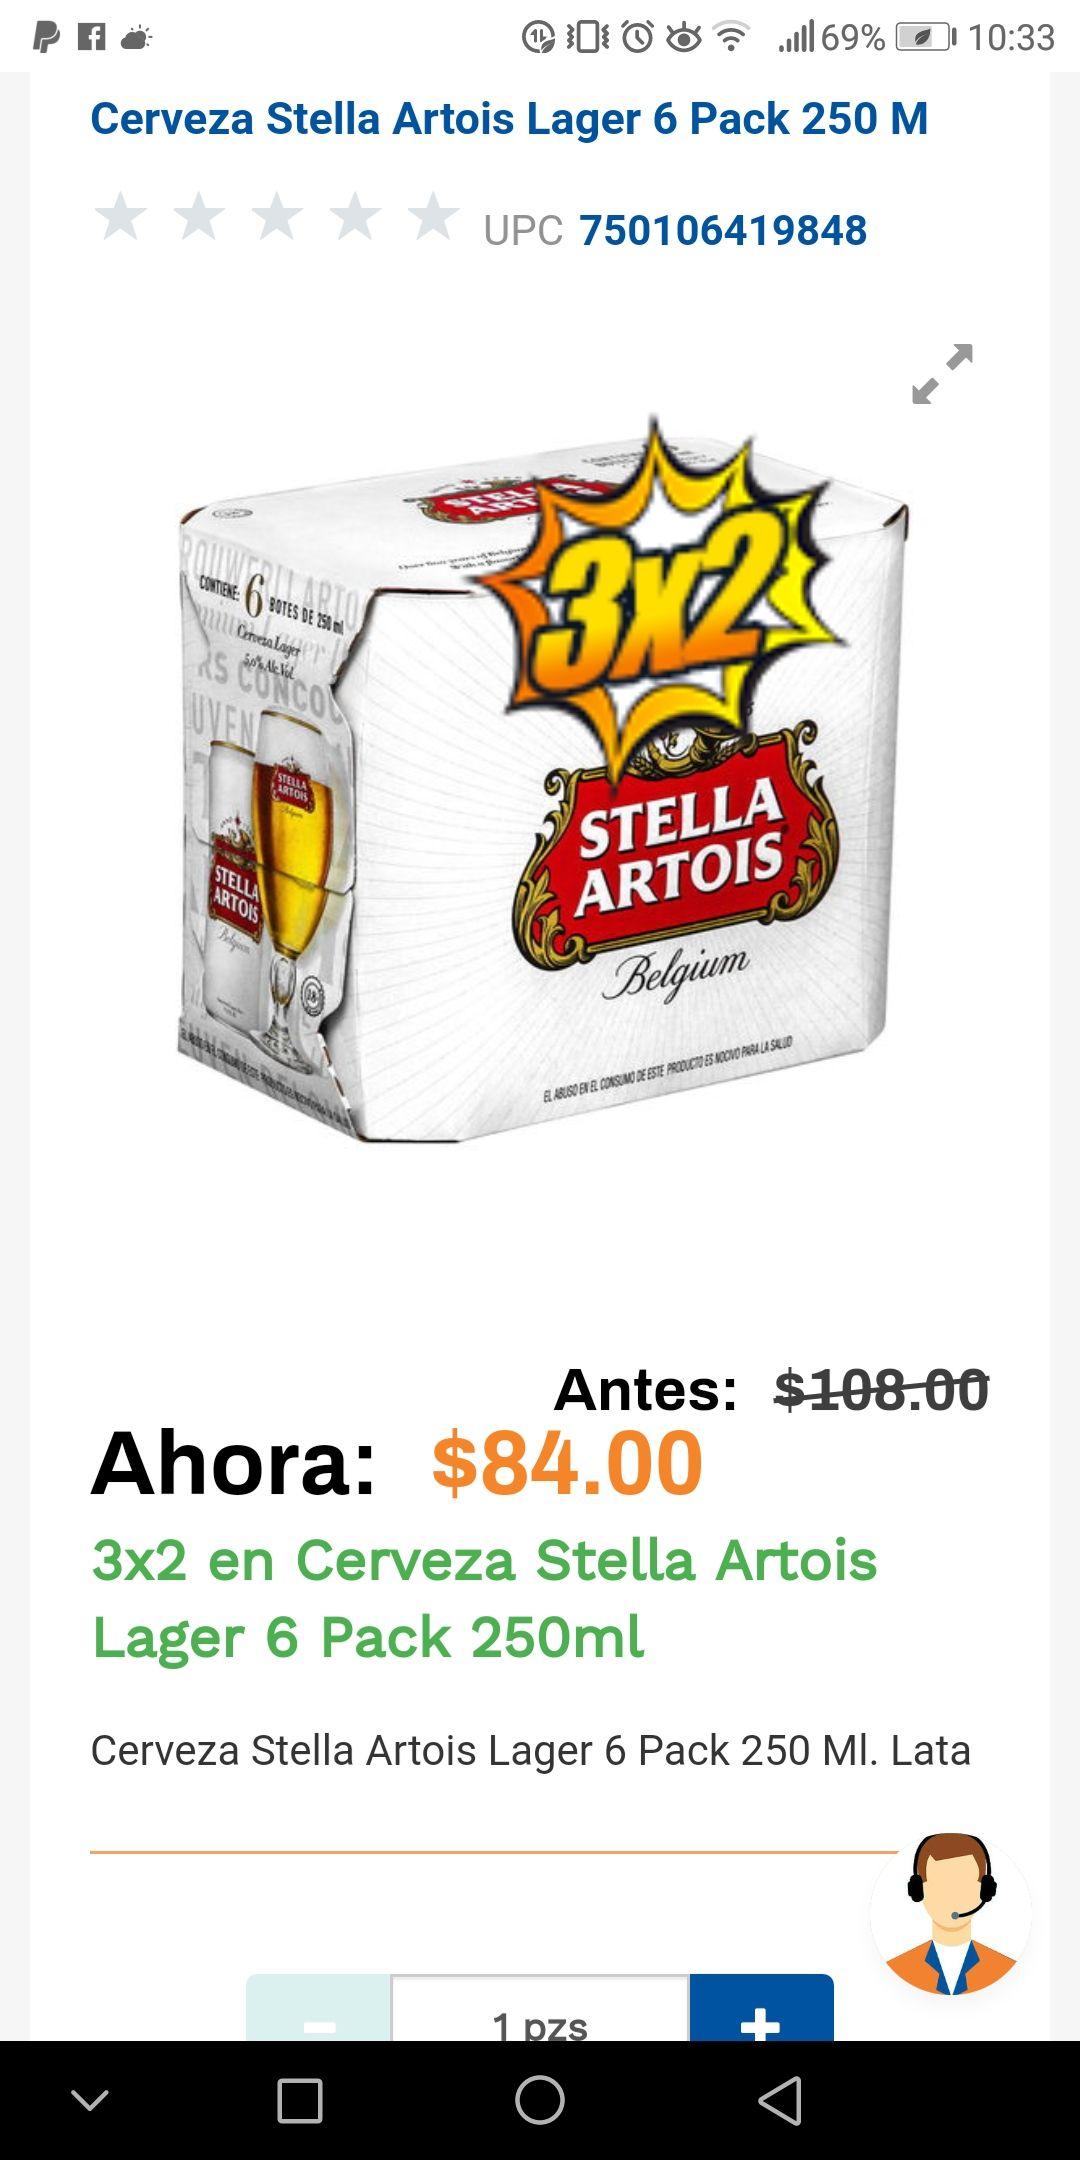 Chedraui: Cerveza Stella Artois, doble promoción a 84 el six pack y además 3x2, quedando a 9 pesos cada cerveza